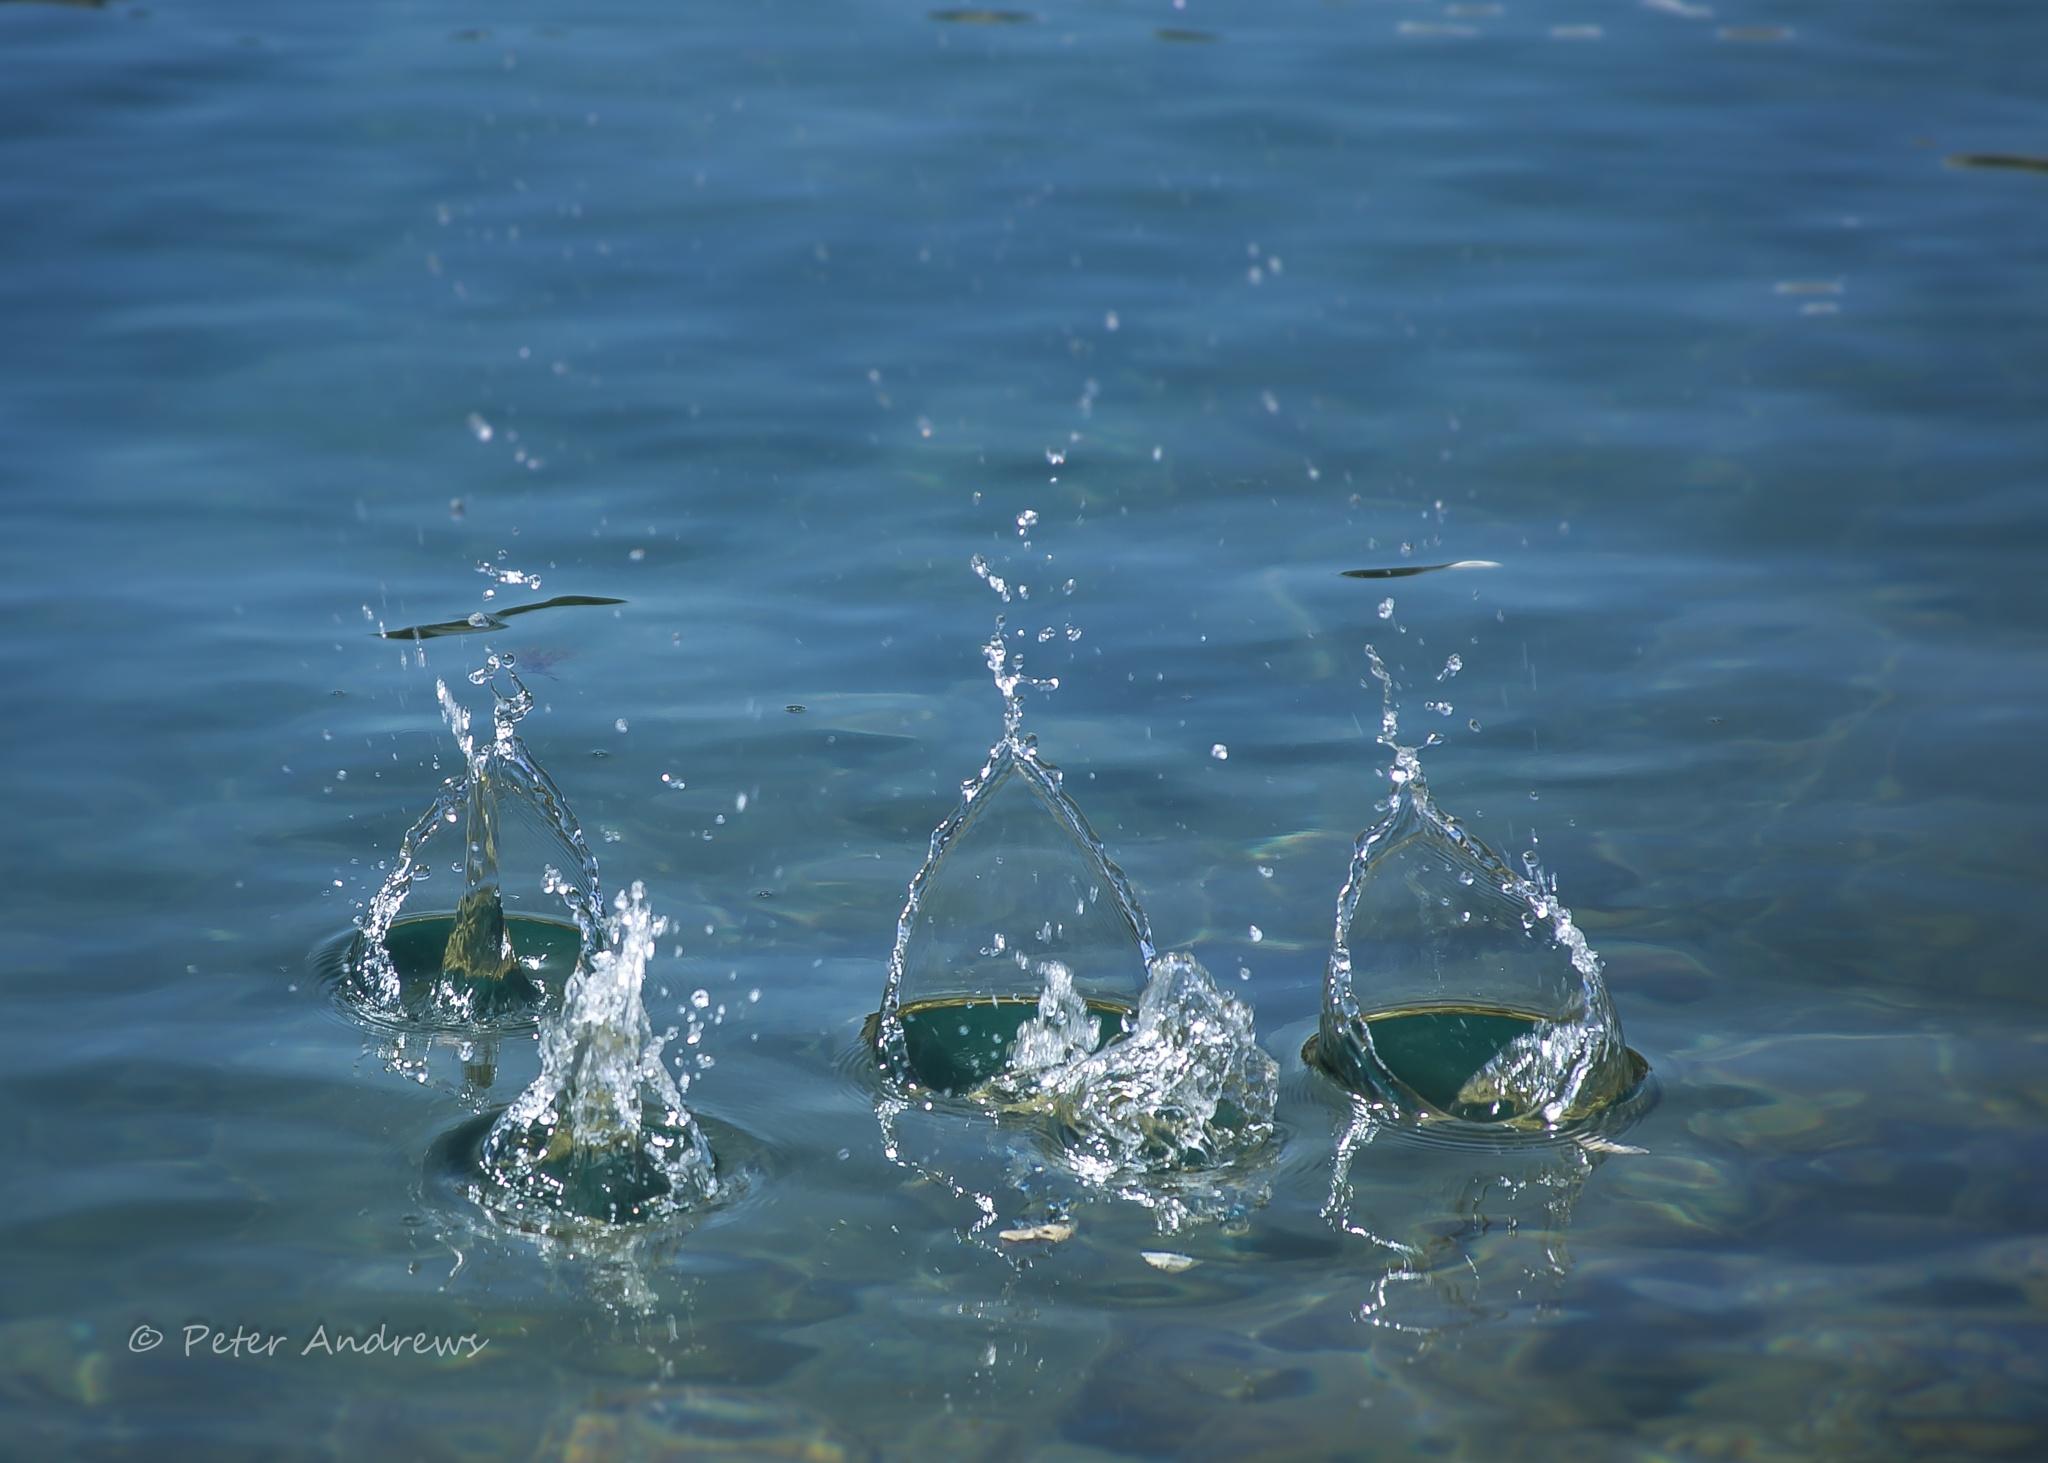 Splash by pa59